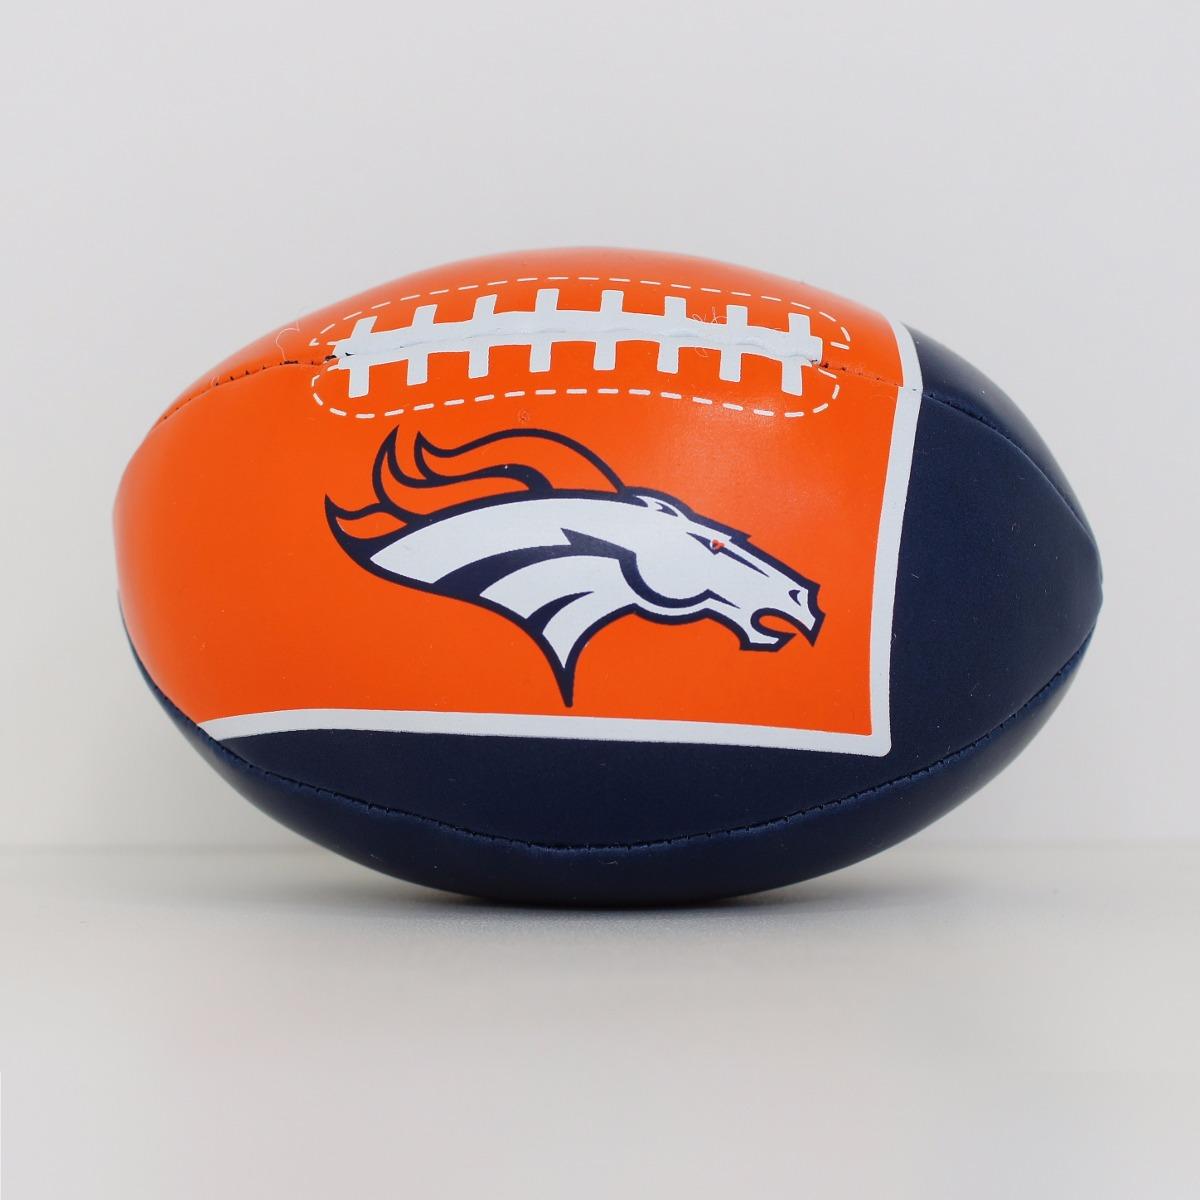 0ac6234fdd mini bola futebol americano - nfl - denver broncos. Carregando zoom.